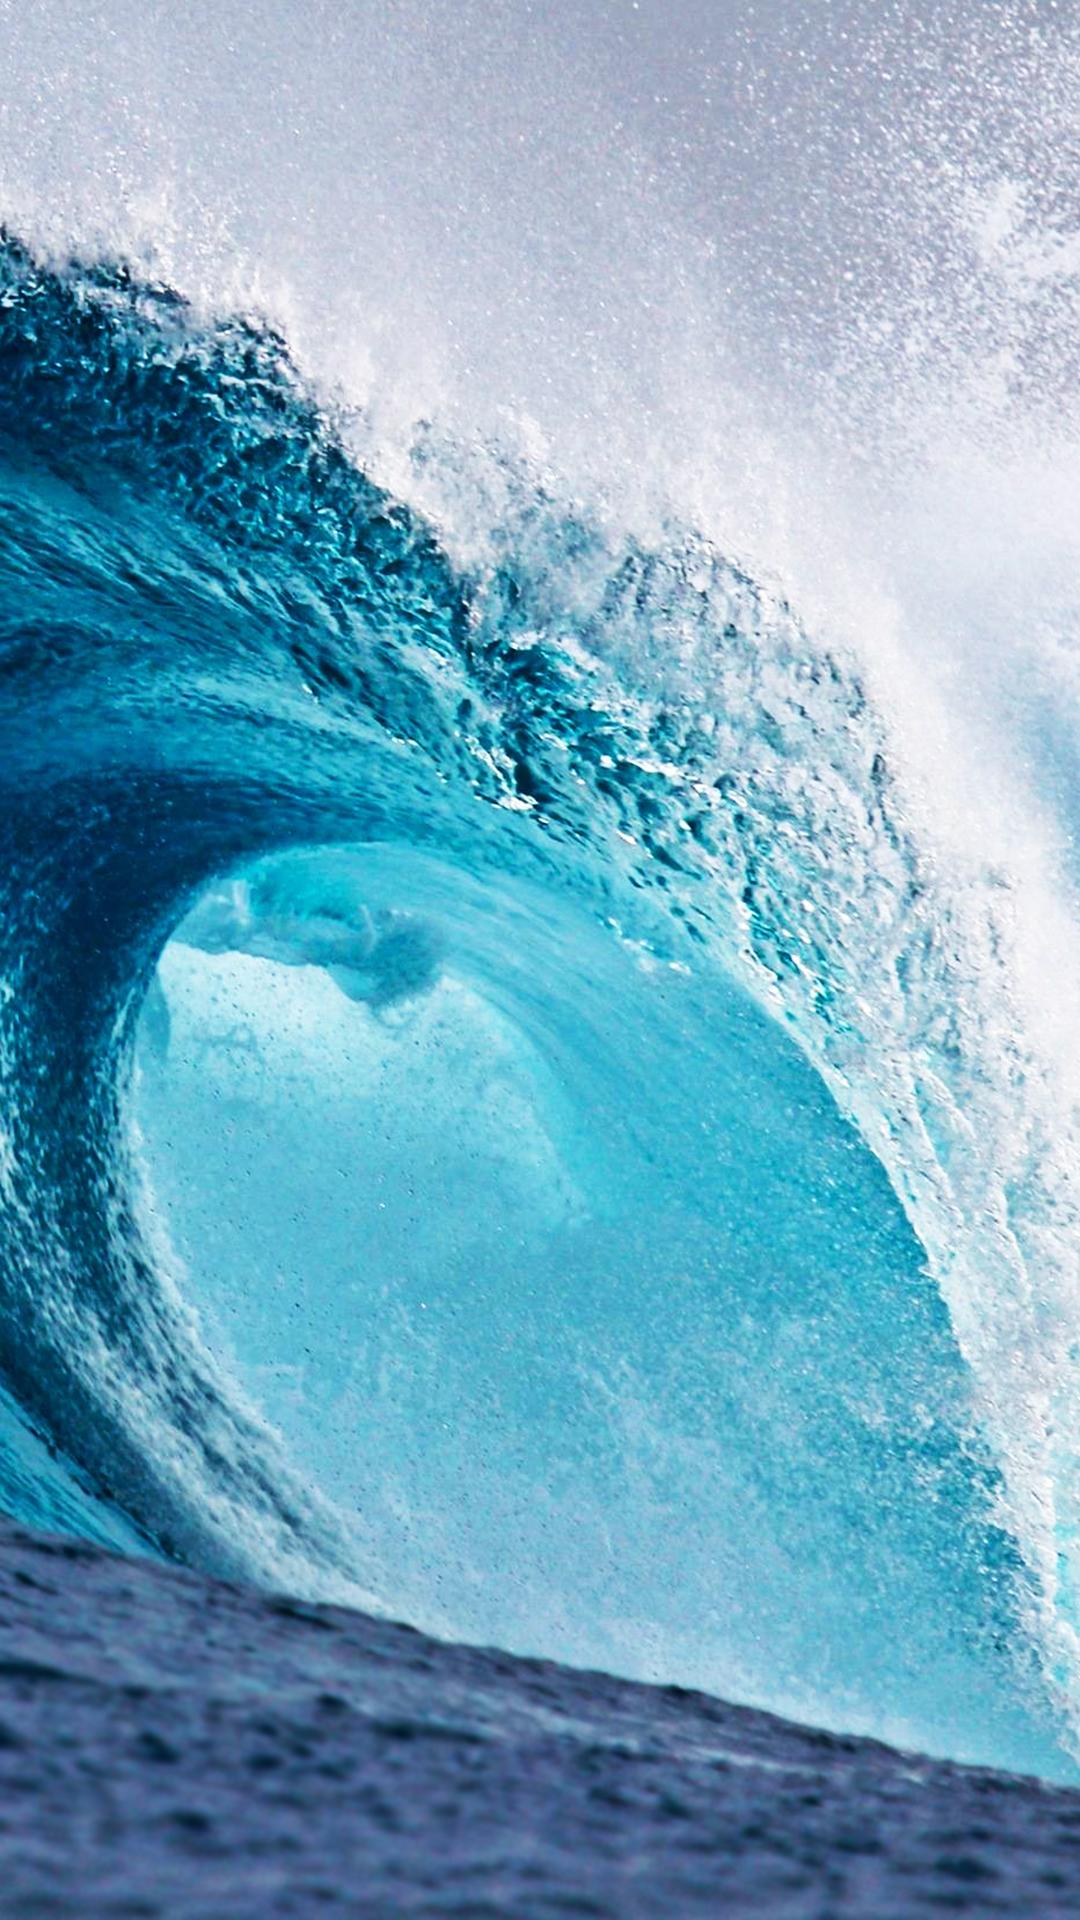 free hd huge wave phone wallpaper6698